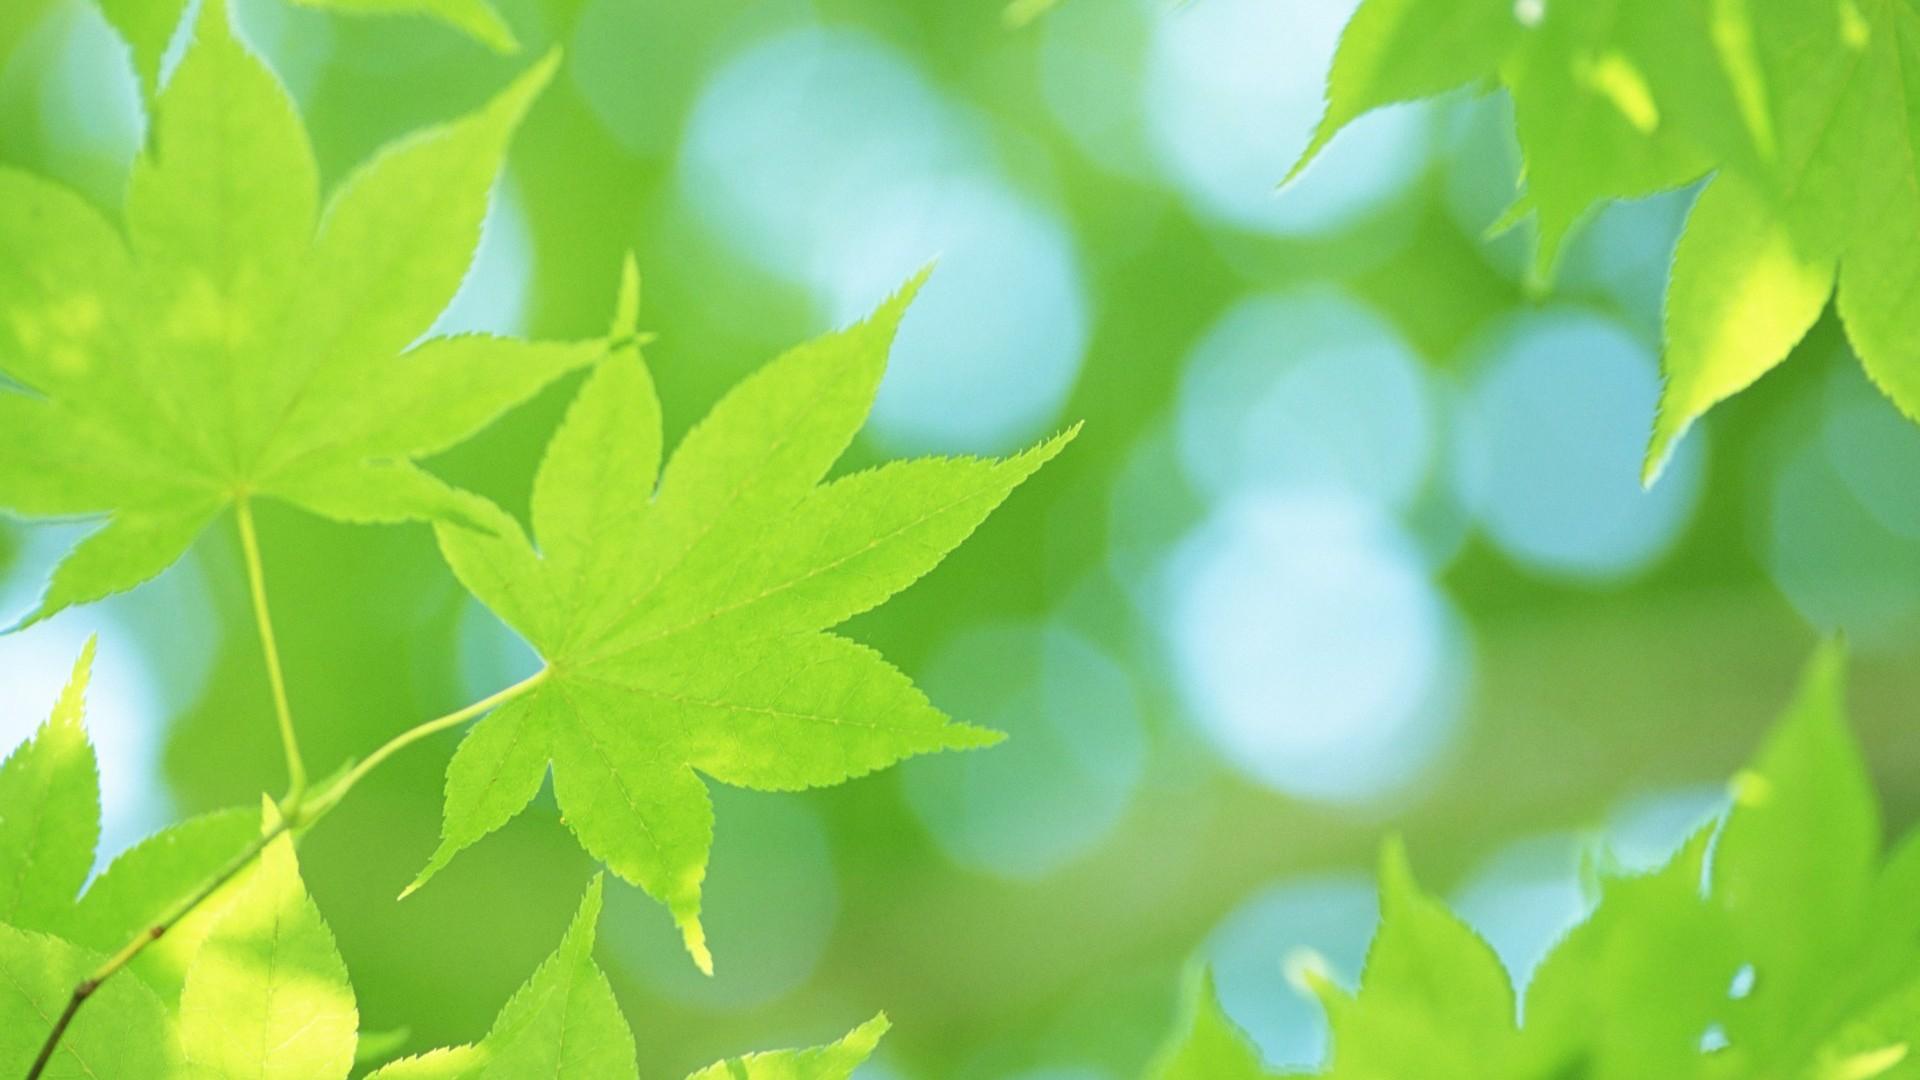 Fondos De Hojas De Papel: Frescas Hojas De Papel Tapiz Verde (2) #7